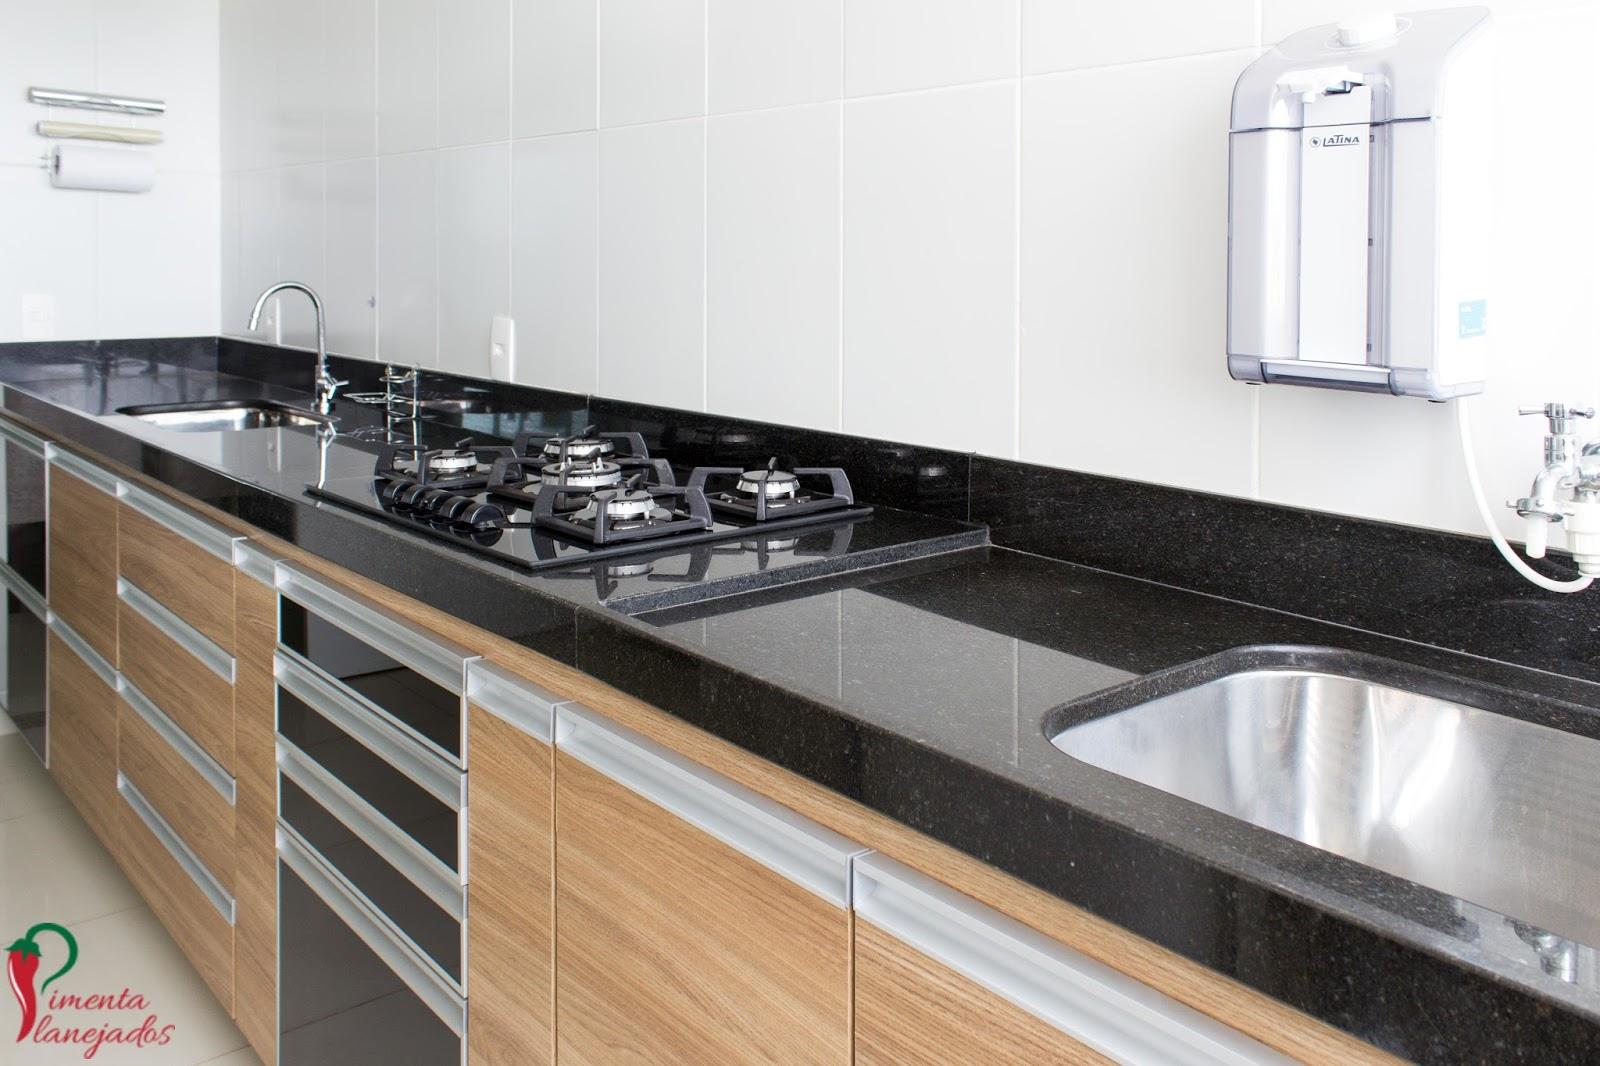 Cozinha corredor   5 dicas para otimizar o espaço ~ Pimenta  #8A6441 1600 1066